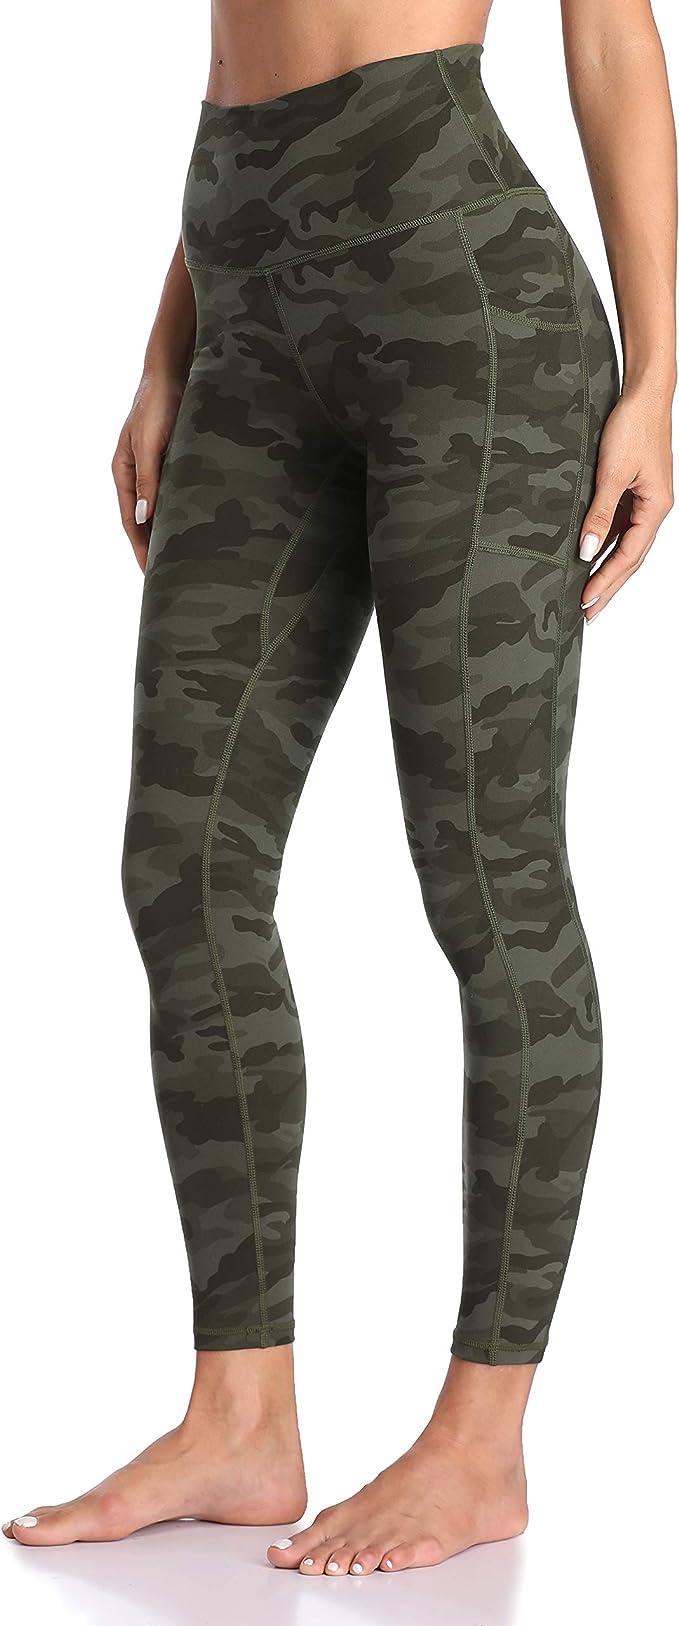 Colorfulkoala Women's High Waisted Yoga Pants 7/8 Length Leggings with Pockets   Amazon